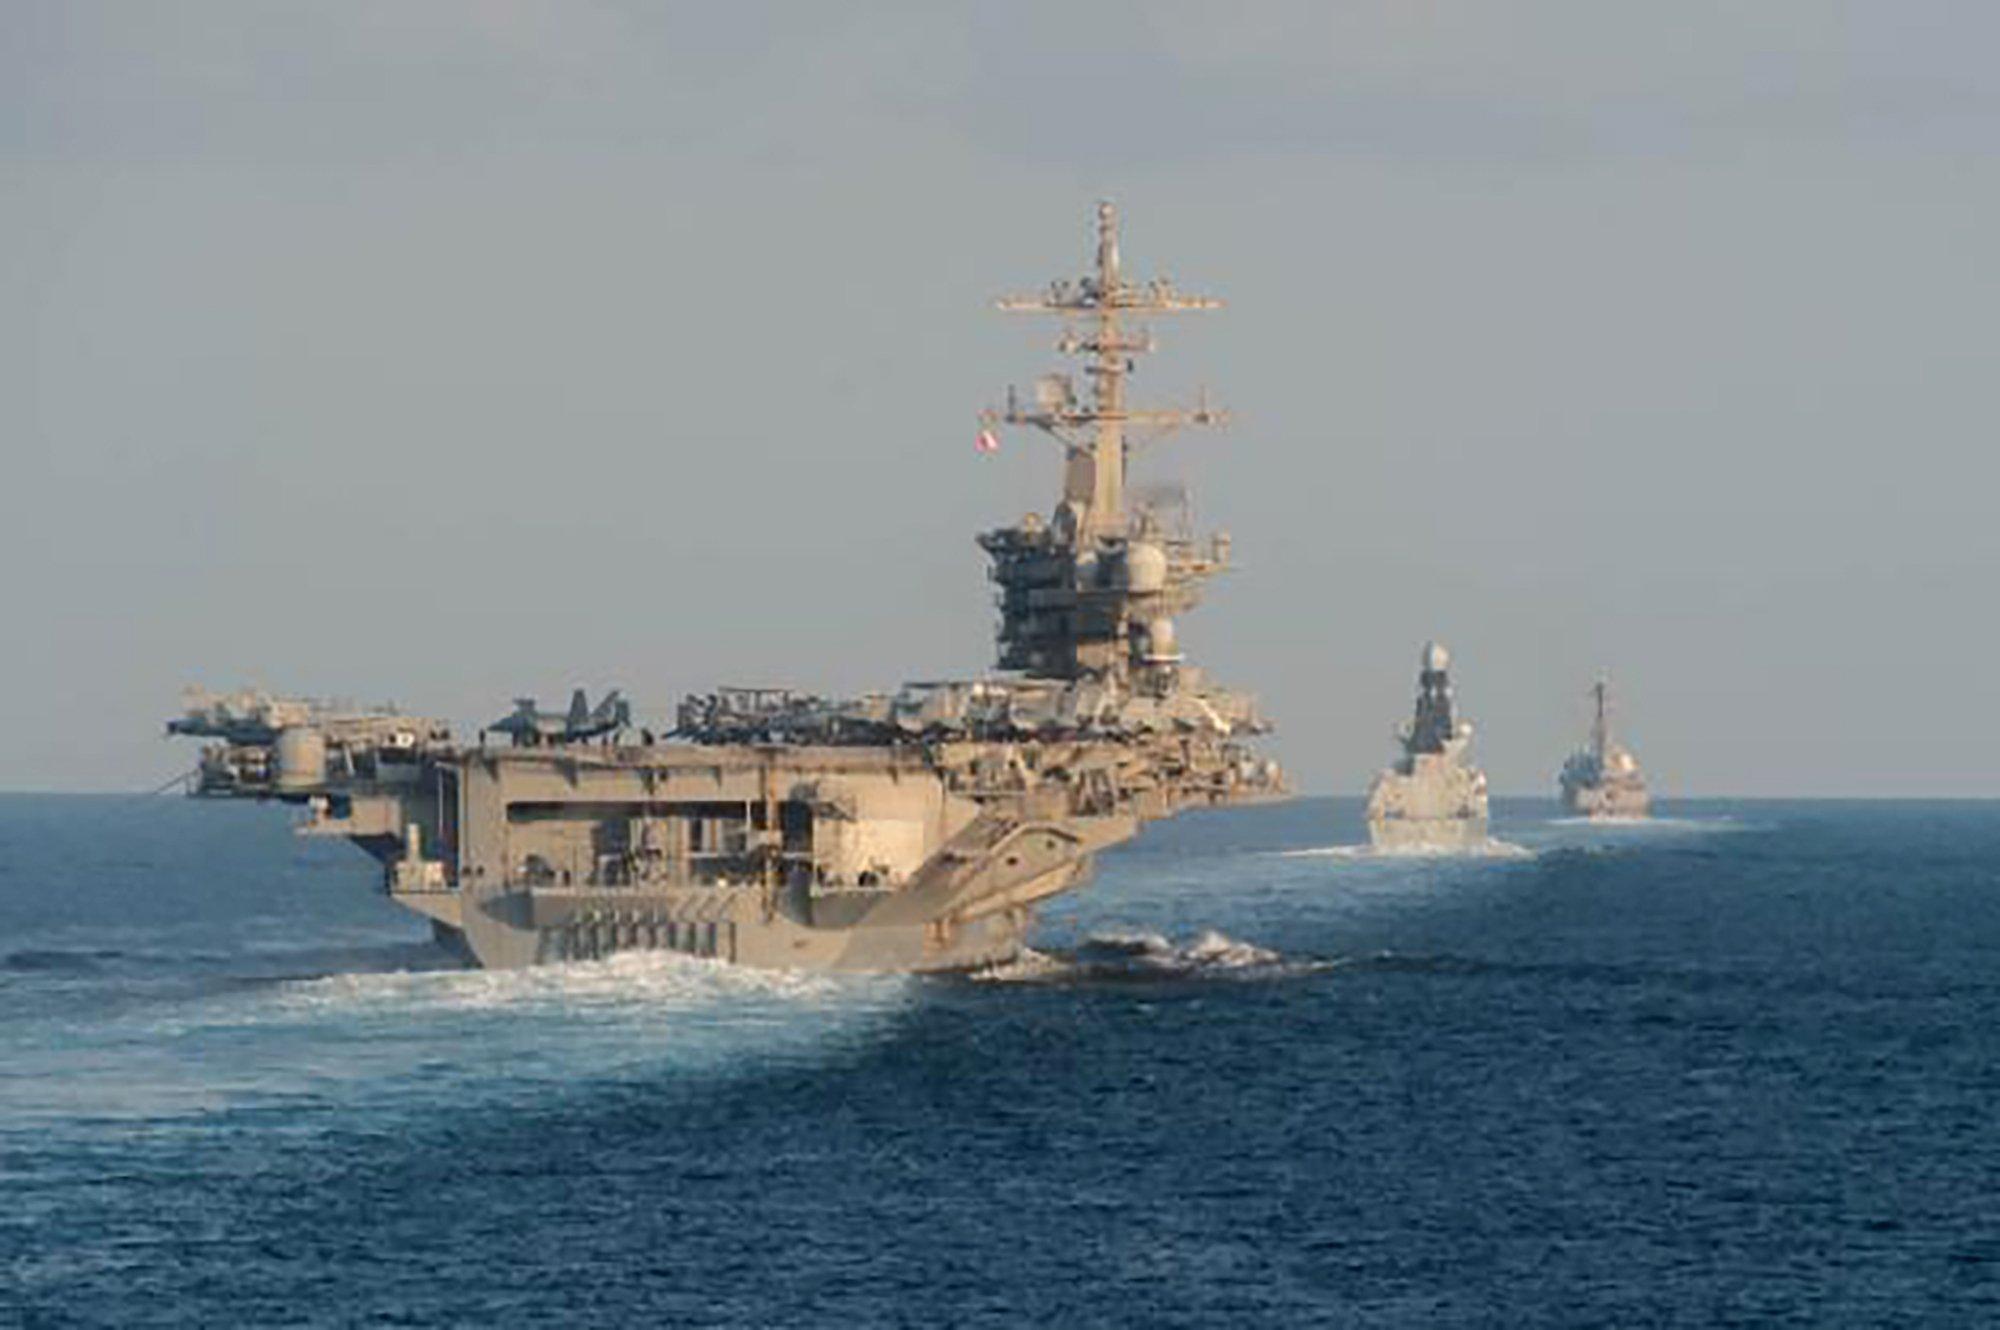 US Navy carrier transits Strait of Hormuz after deployment